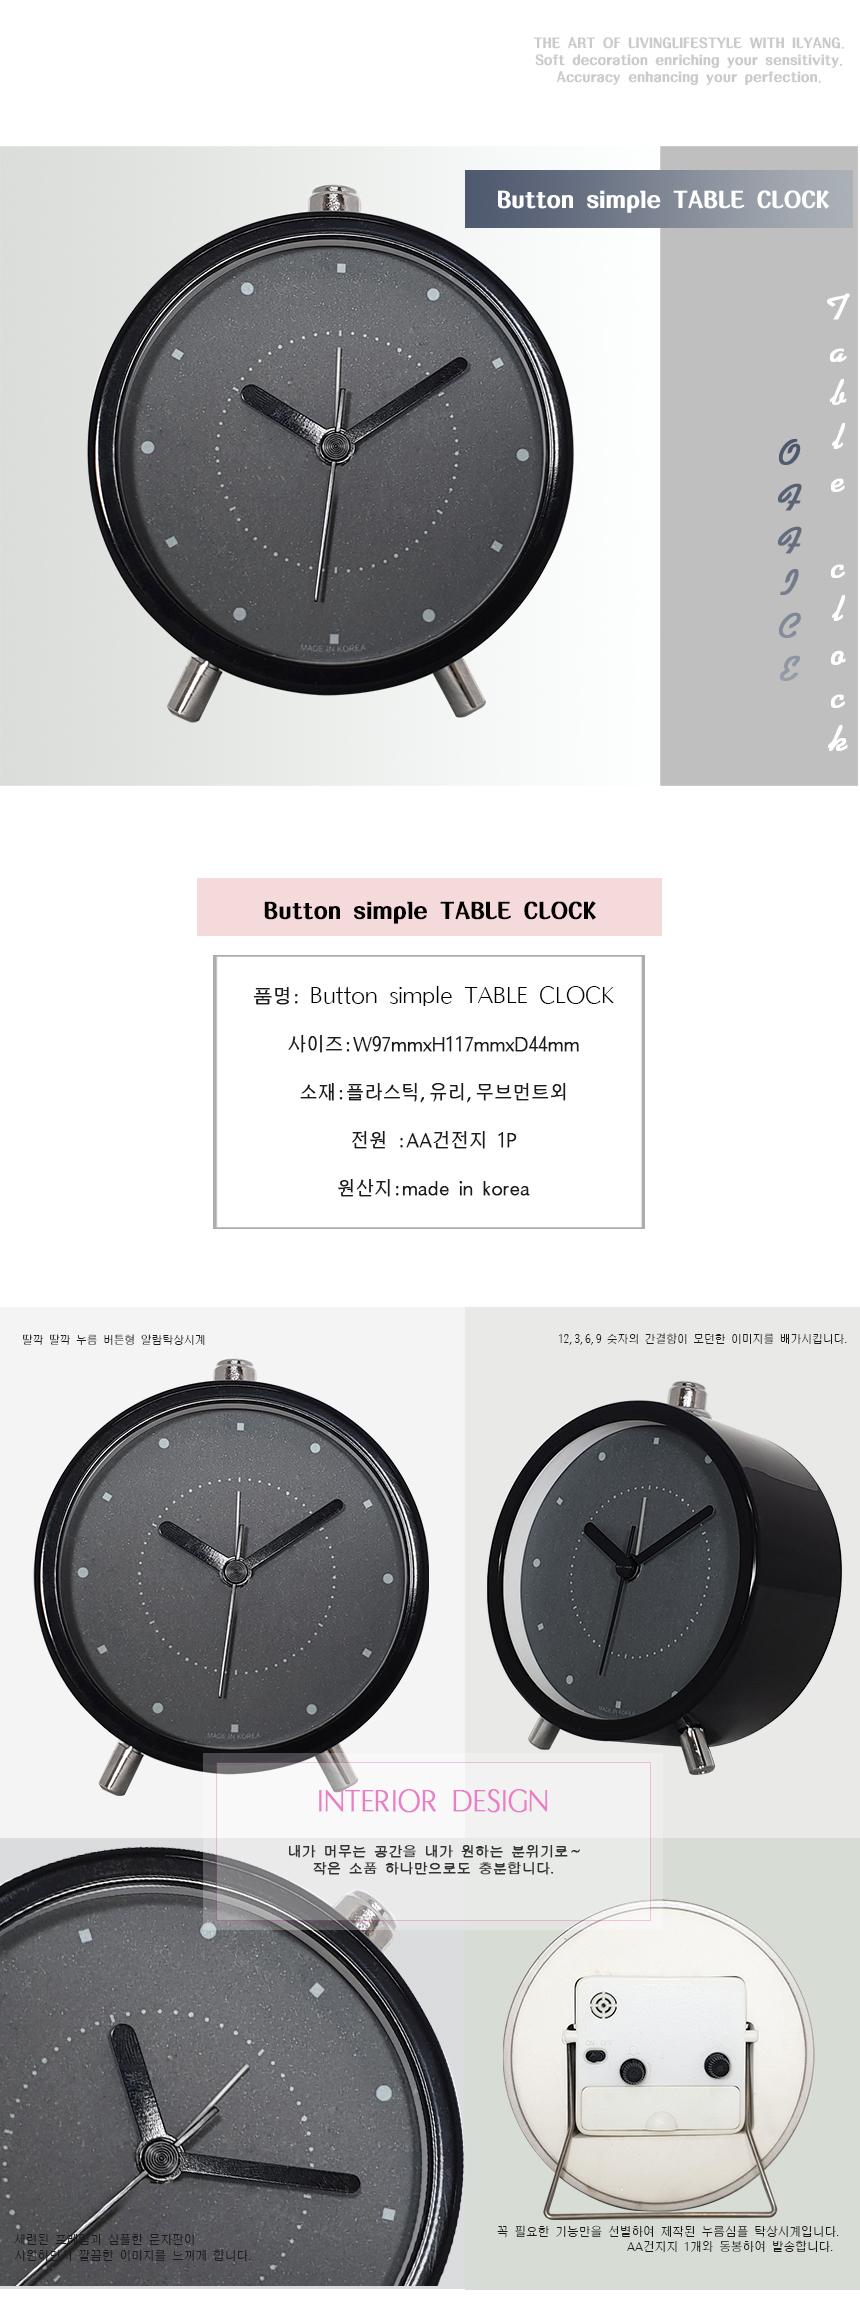 버튼심플알람탁상시계 다크 그레이 - 일이삼클락, 21,000원, 알람/탁상시계, 디자인시계